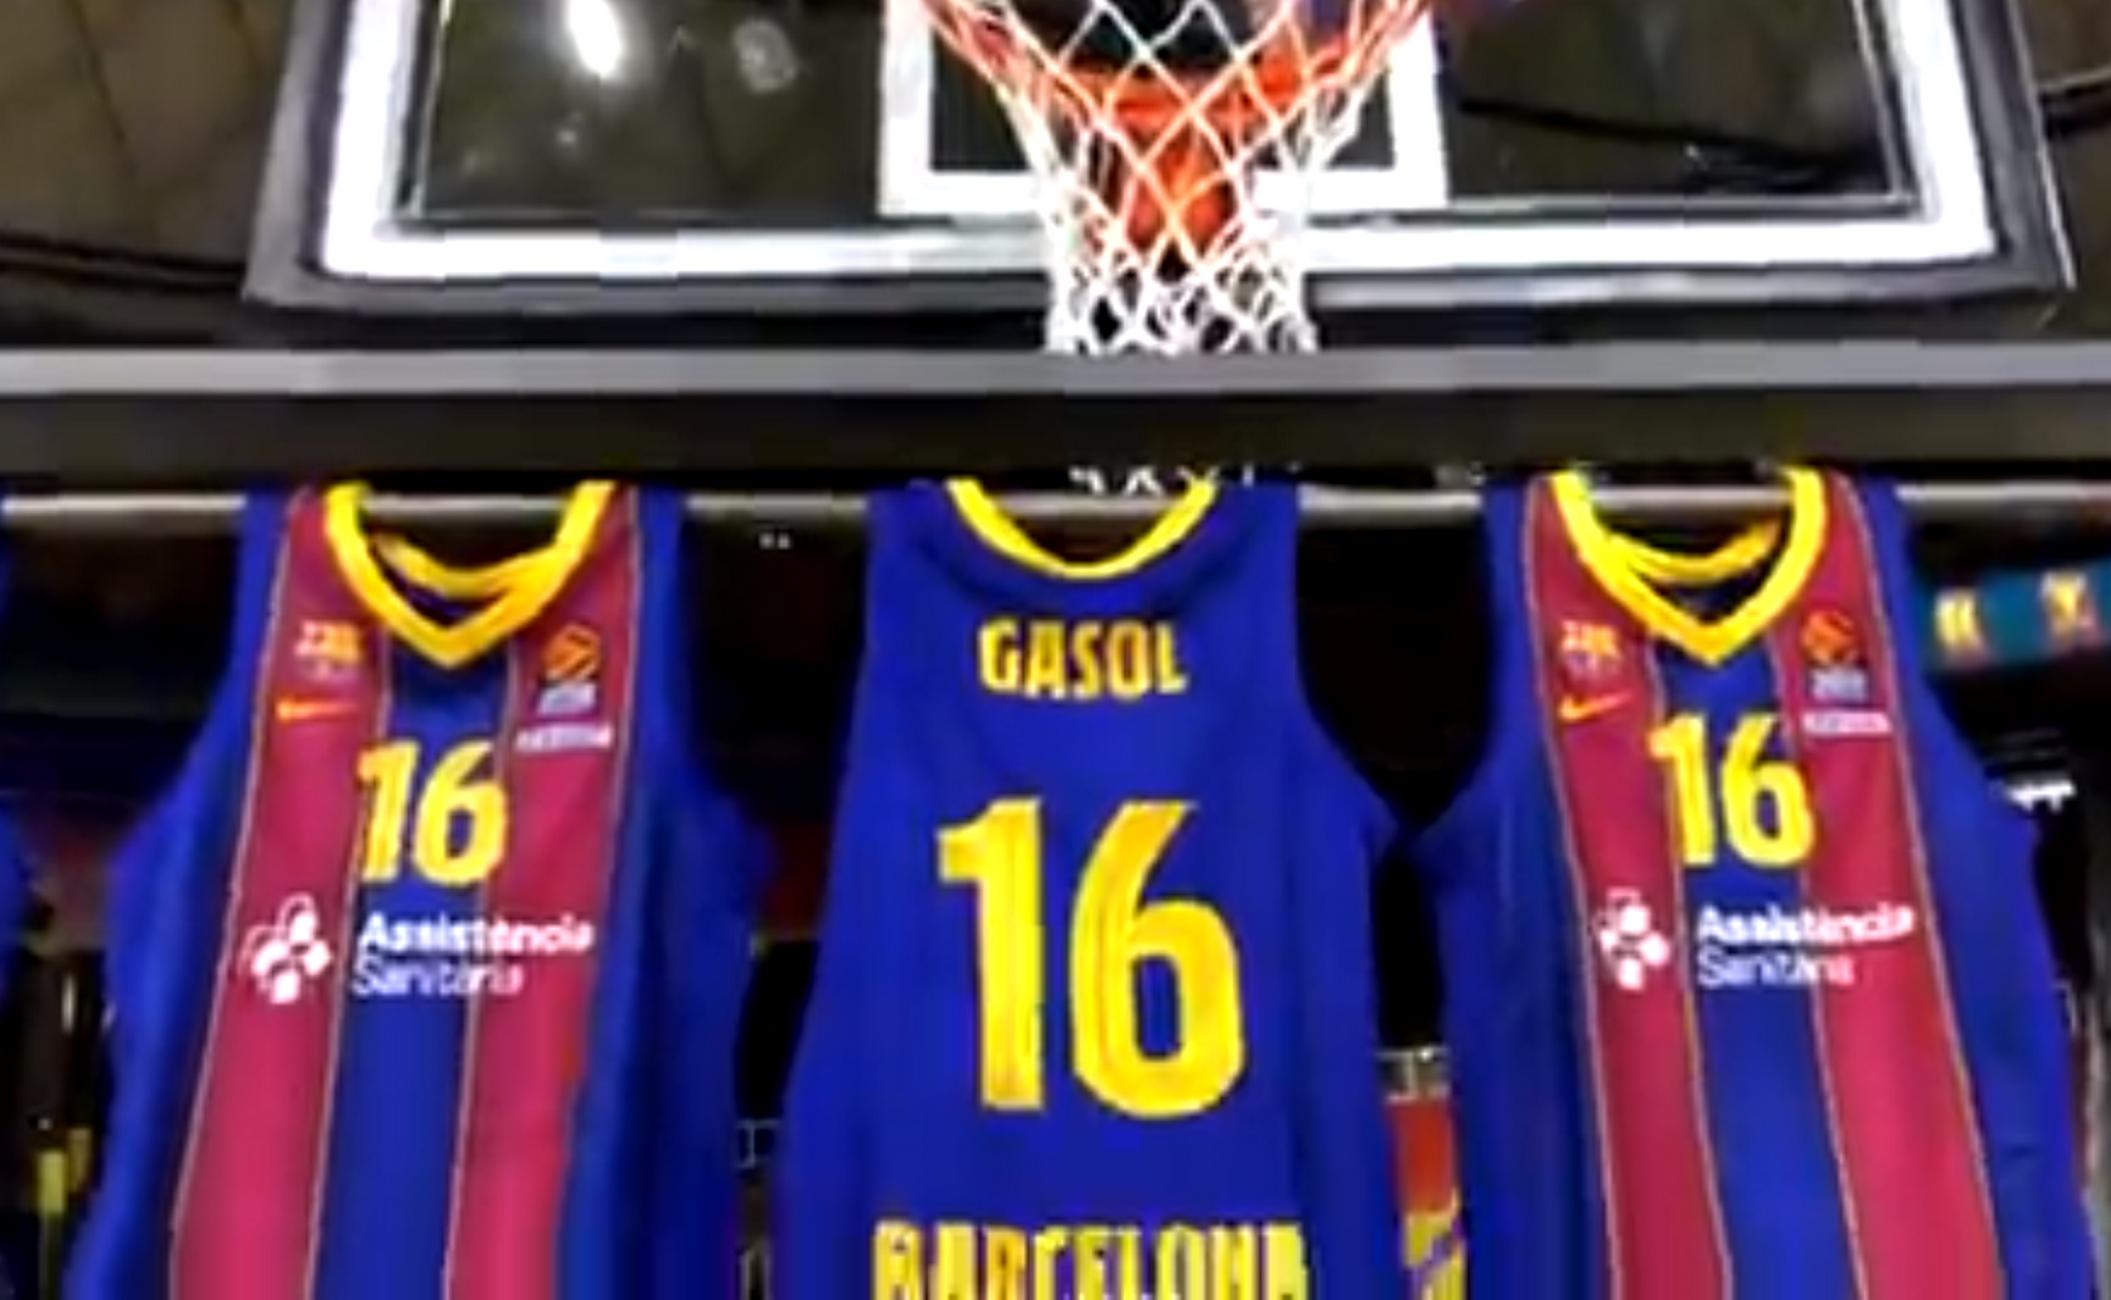 Η Μπαρτσελόνα παρουσίασε τον Γκασόλ κι ο Ισπανός φόρεσε ξανά τη φανέλα της μετά από 20 χρόνια (videos)